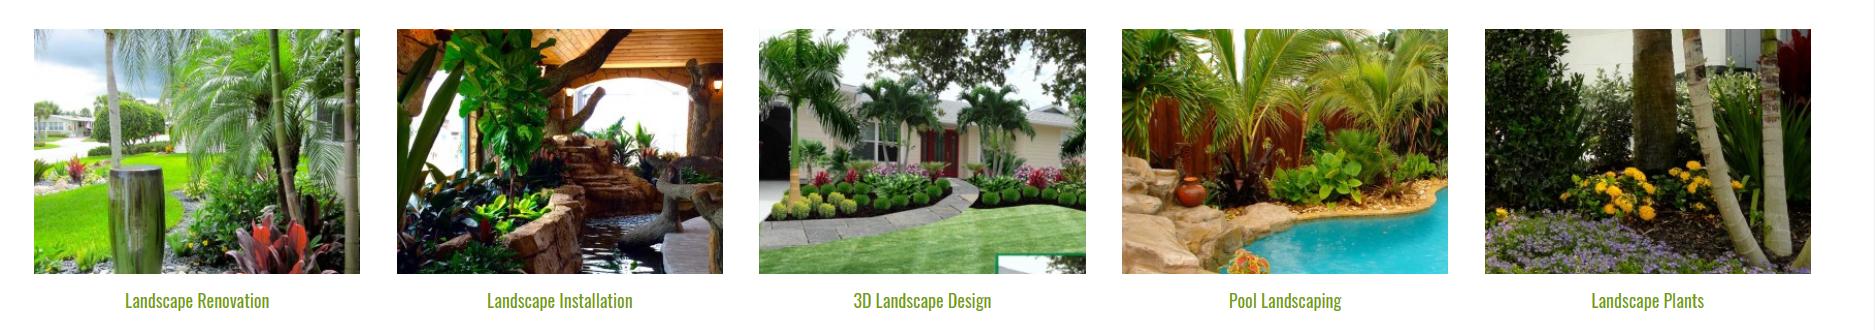 Construction Landscape, LLC image 0